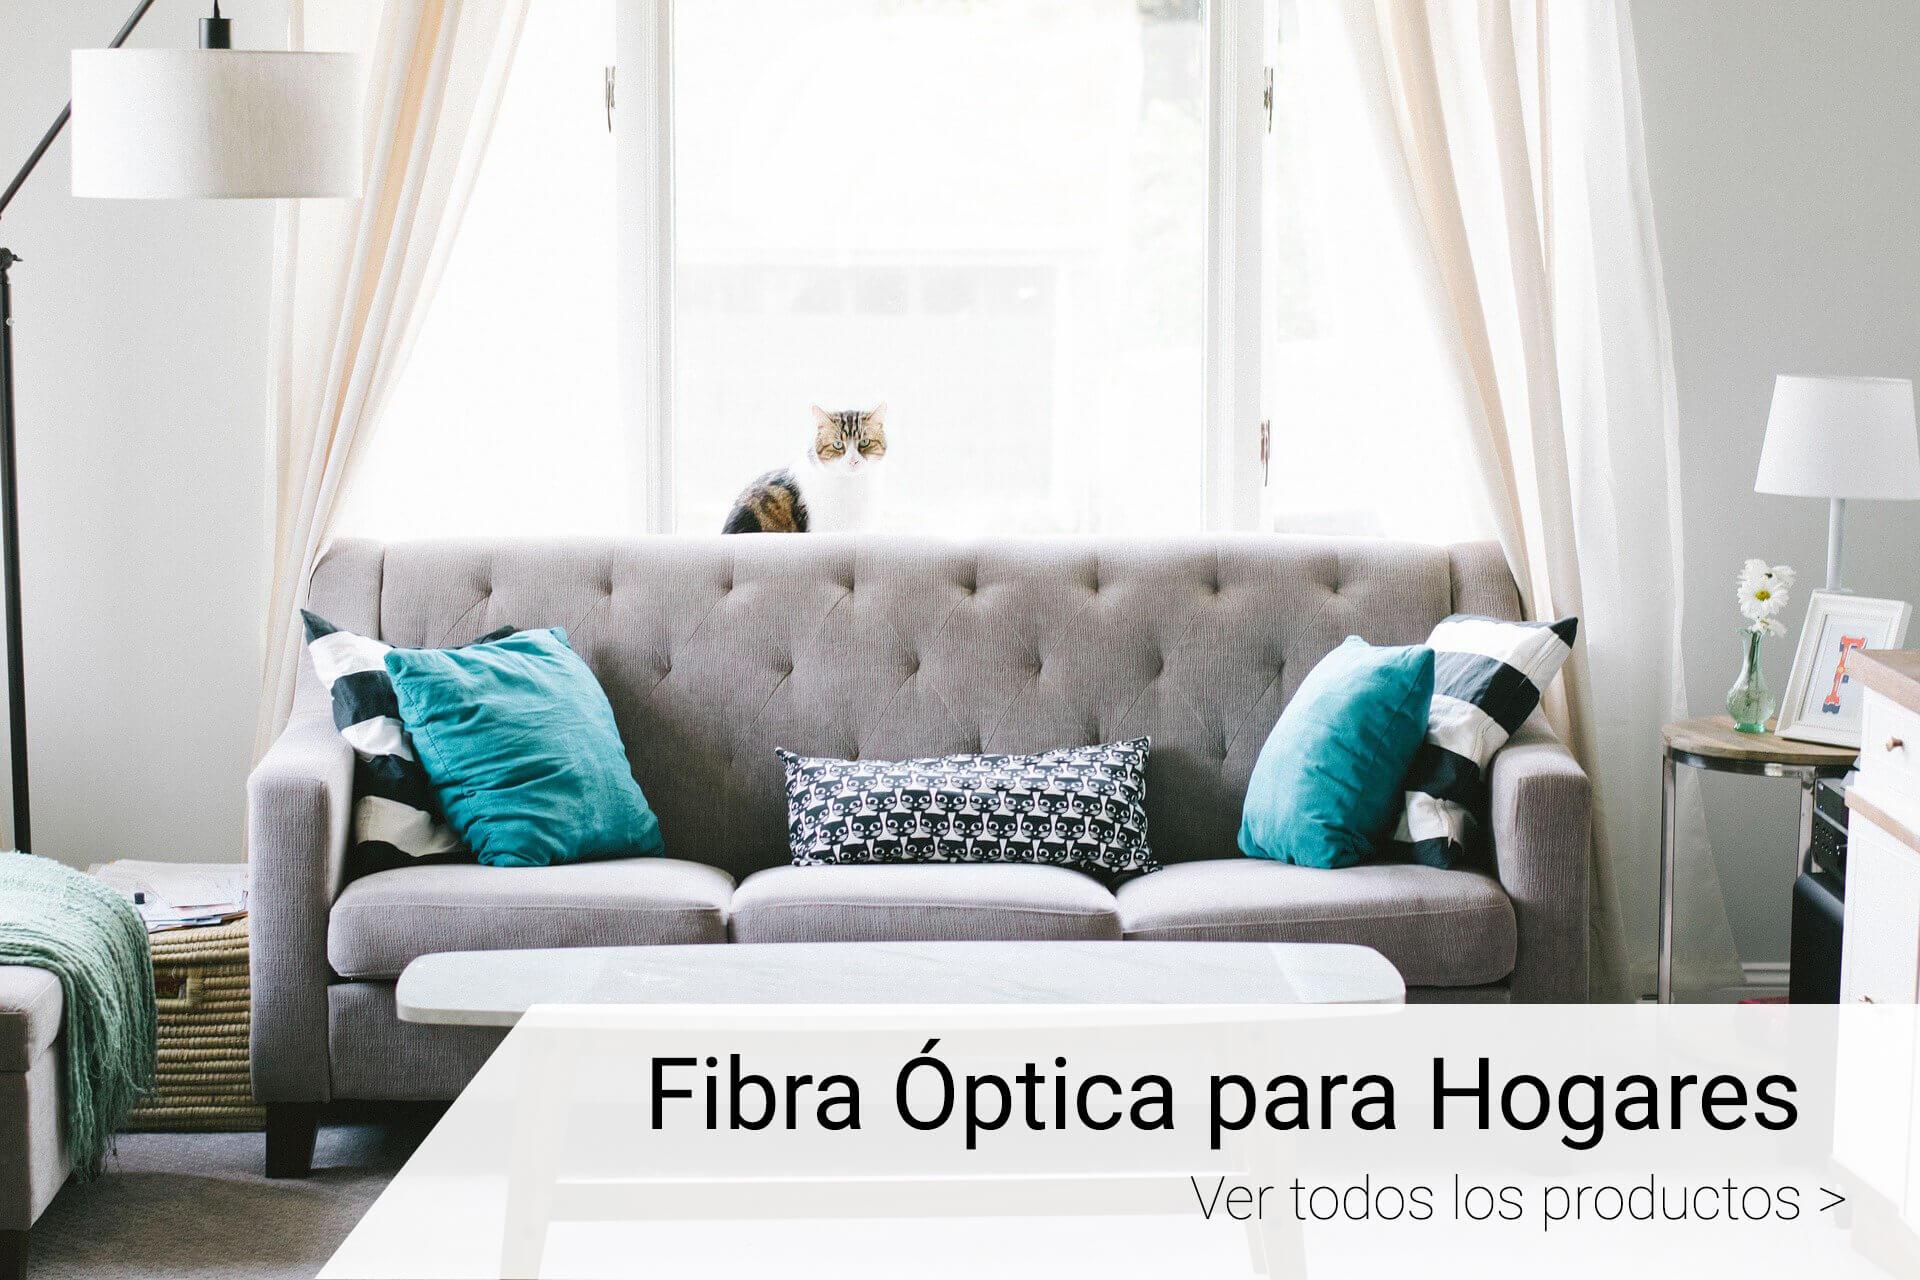 fibra optica para hogar